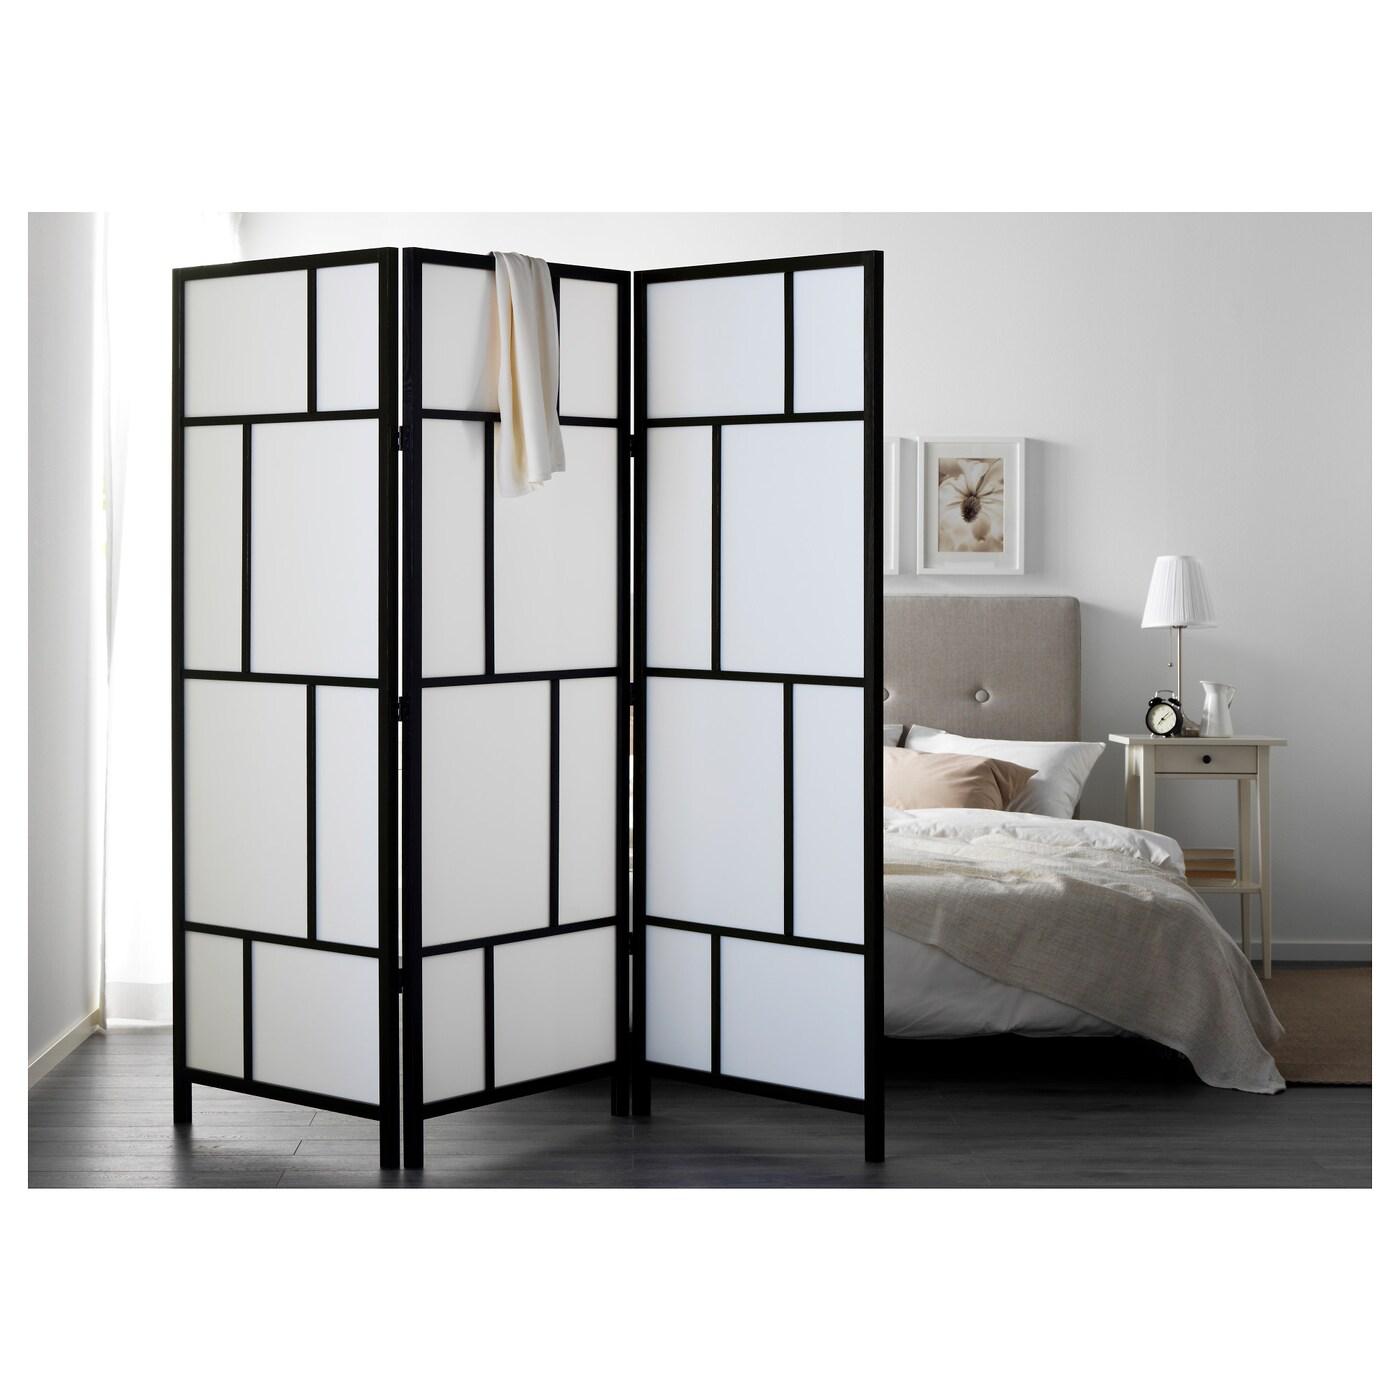 ris r paravent blanc noir 216x185 cm ikea. Black Bedroom Furniture Sets. Home Design Ideas